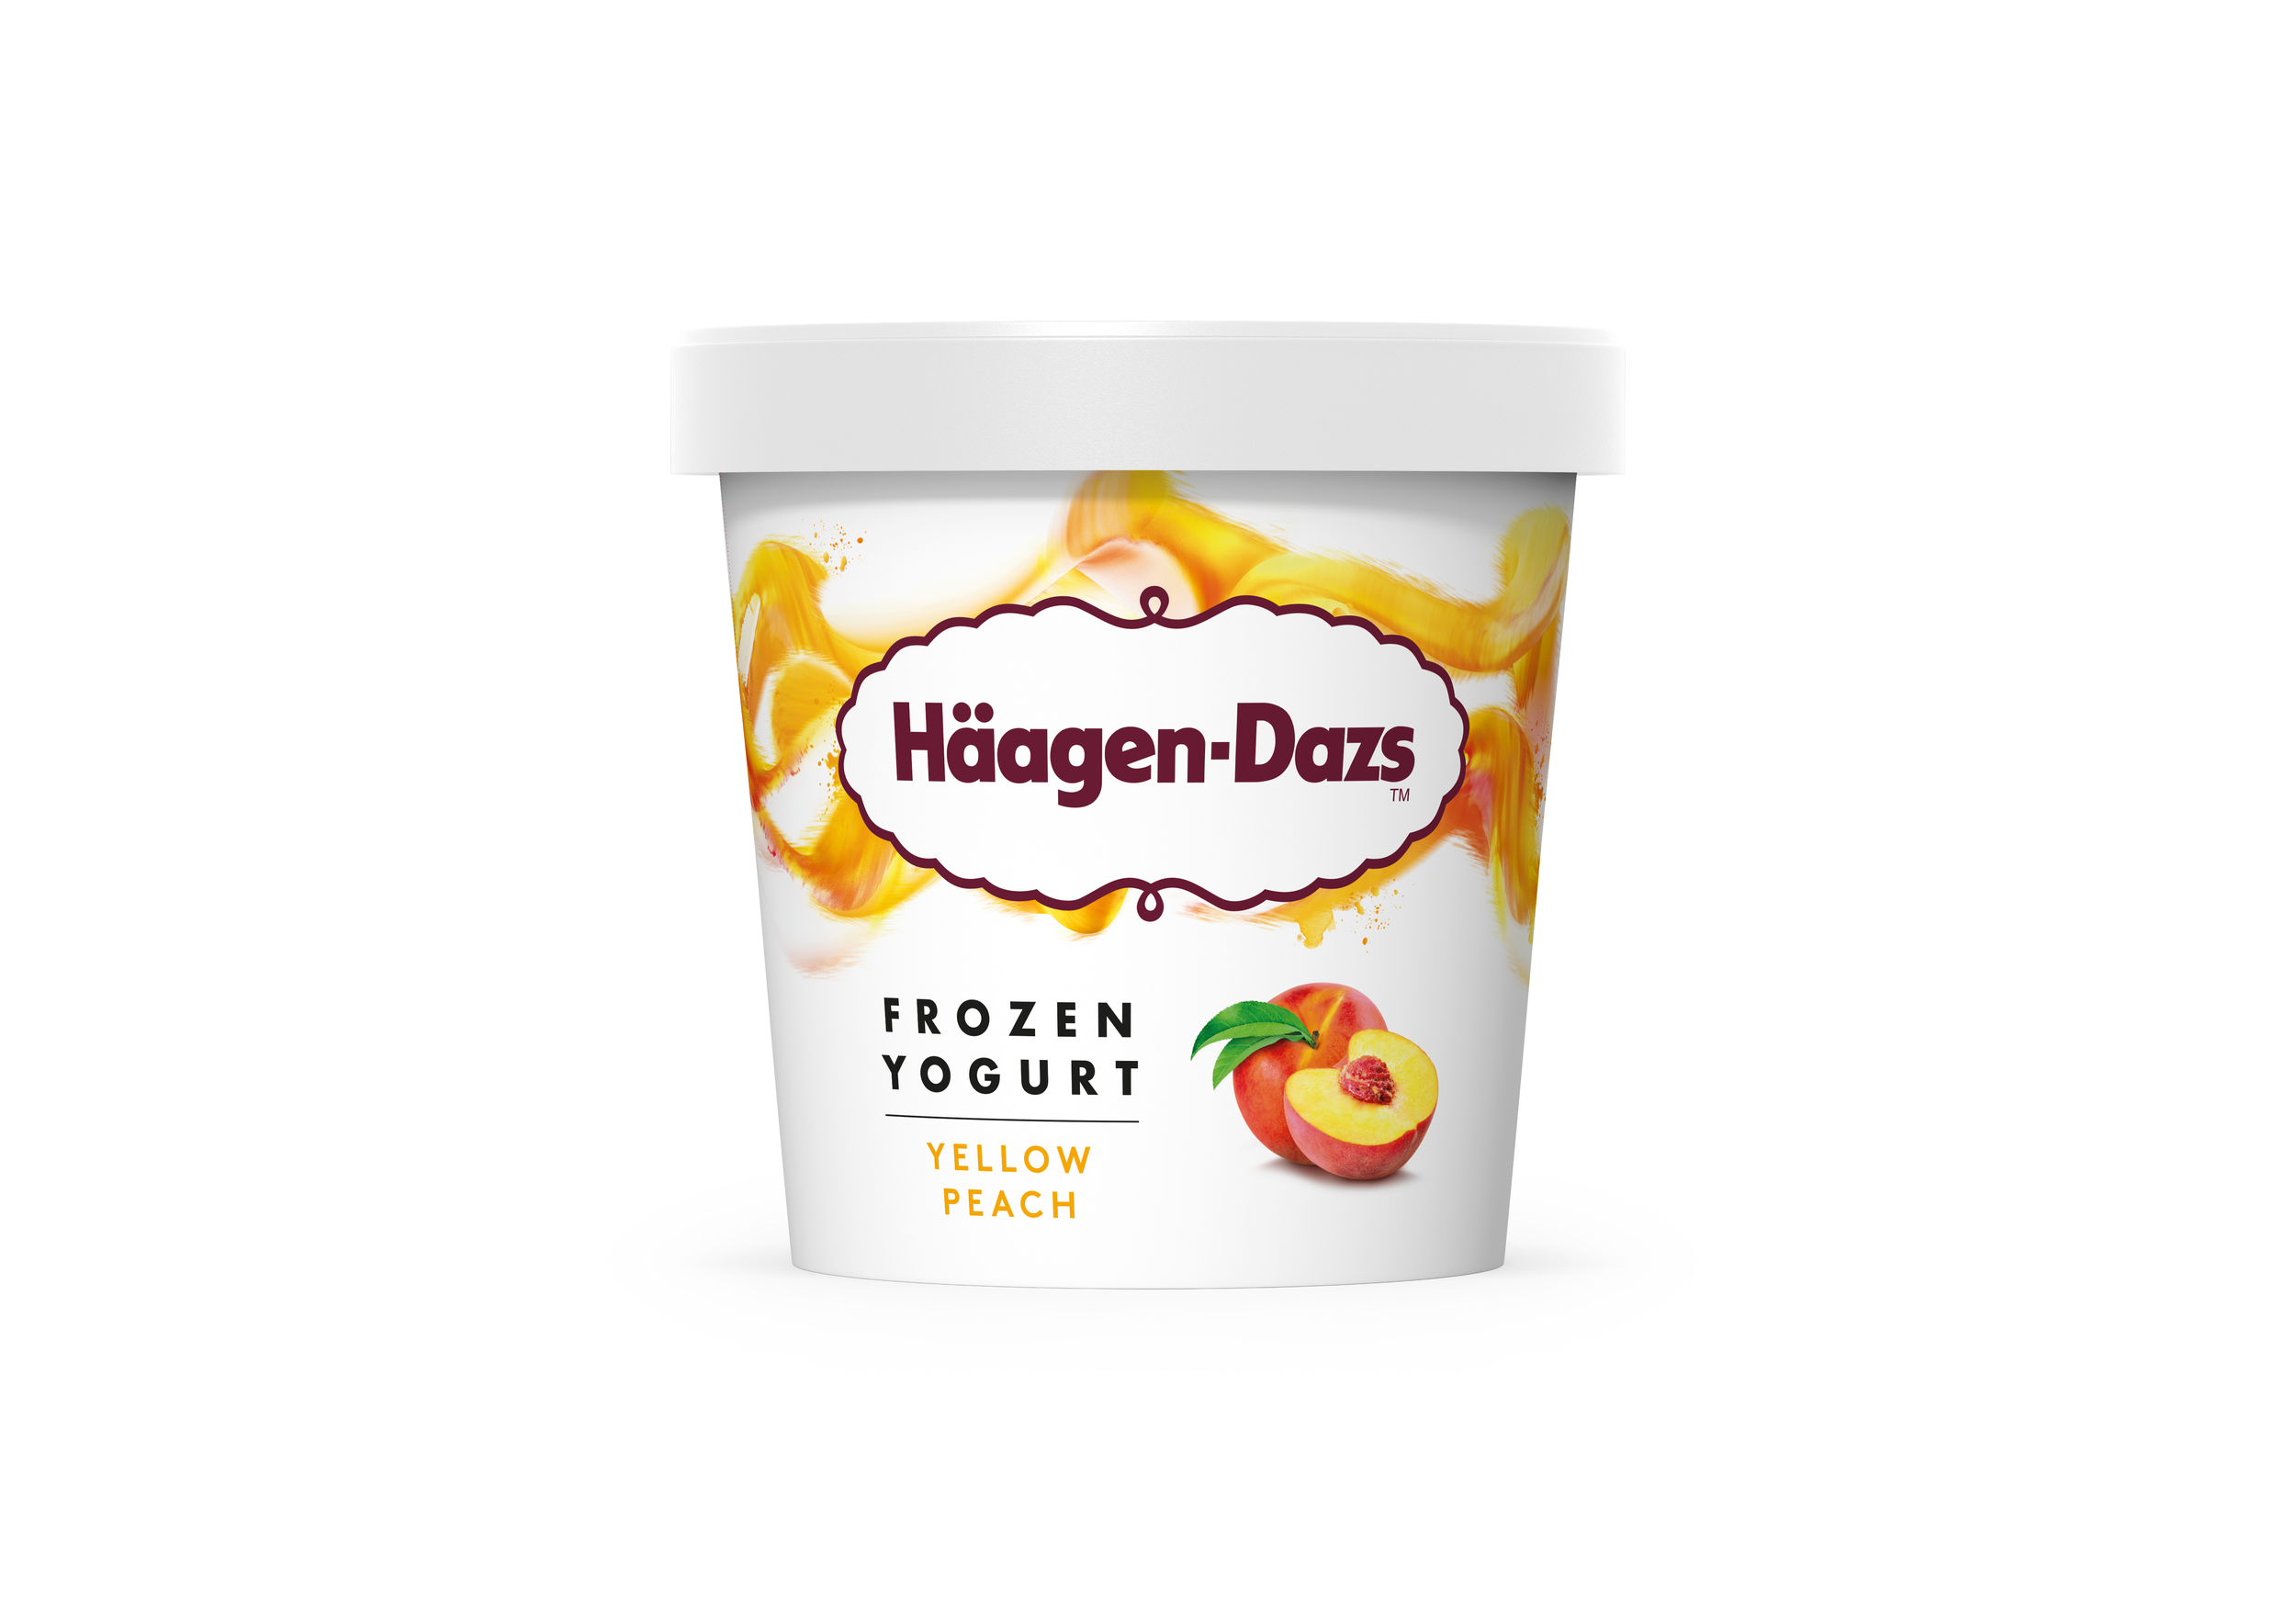 Frozen-Yogurt-Yellow-Peach-HD_Pint_2D_HighRes.png